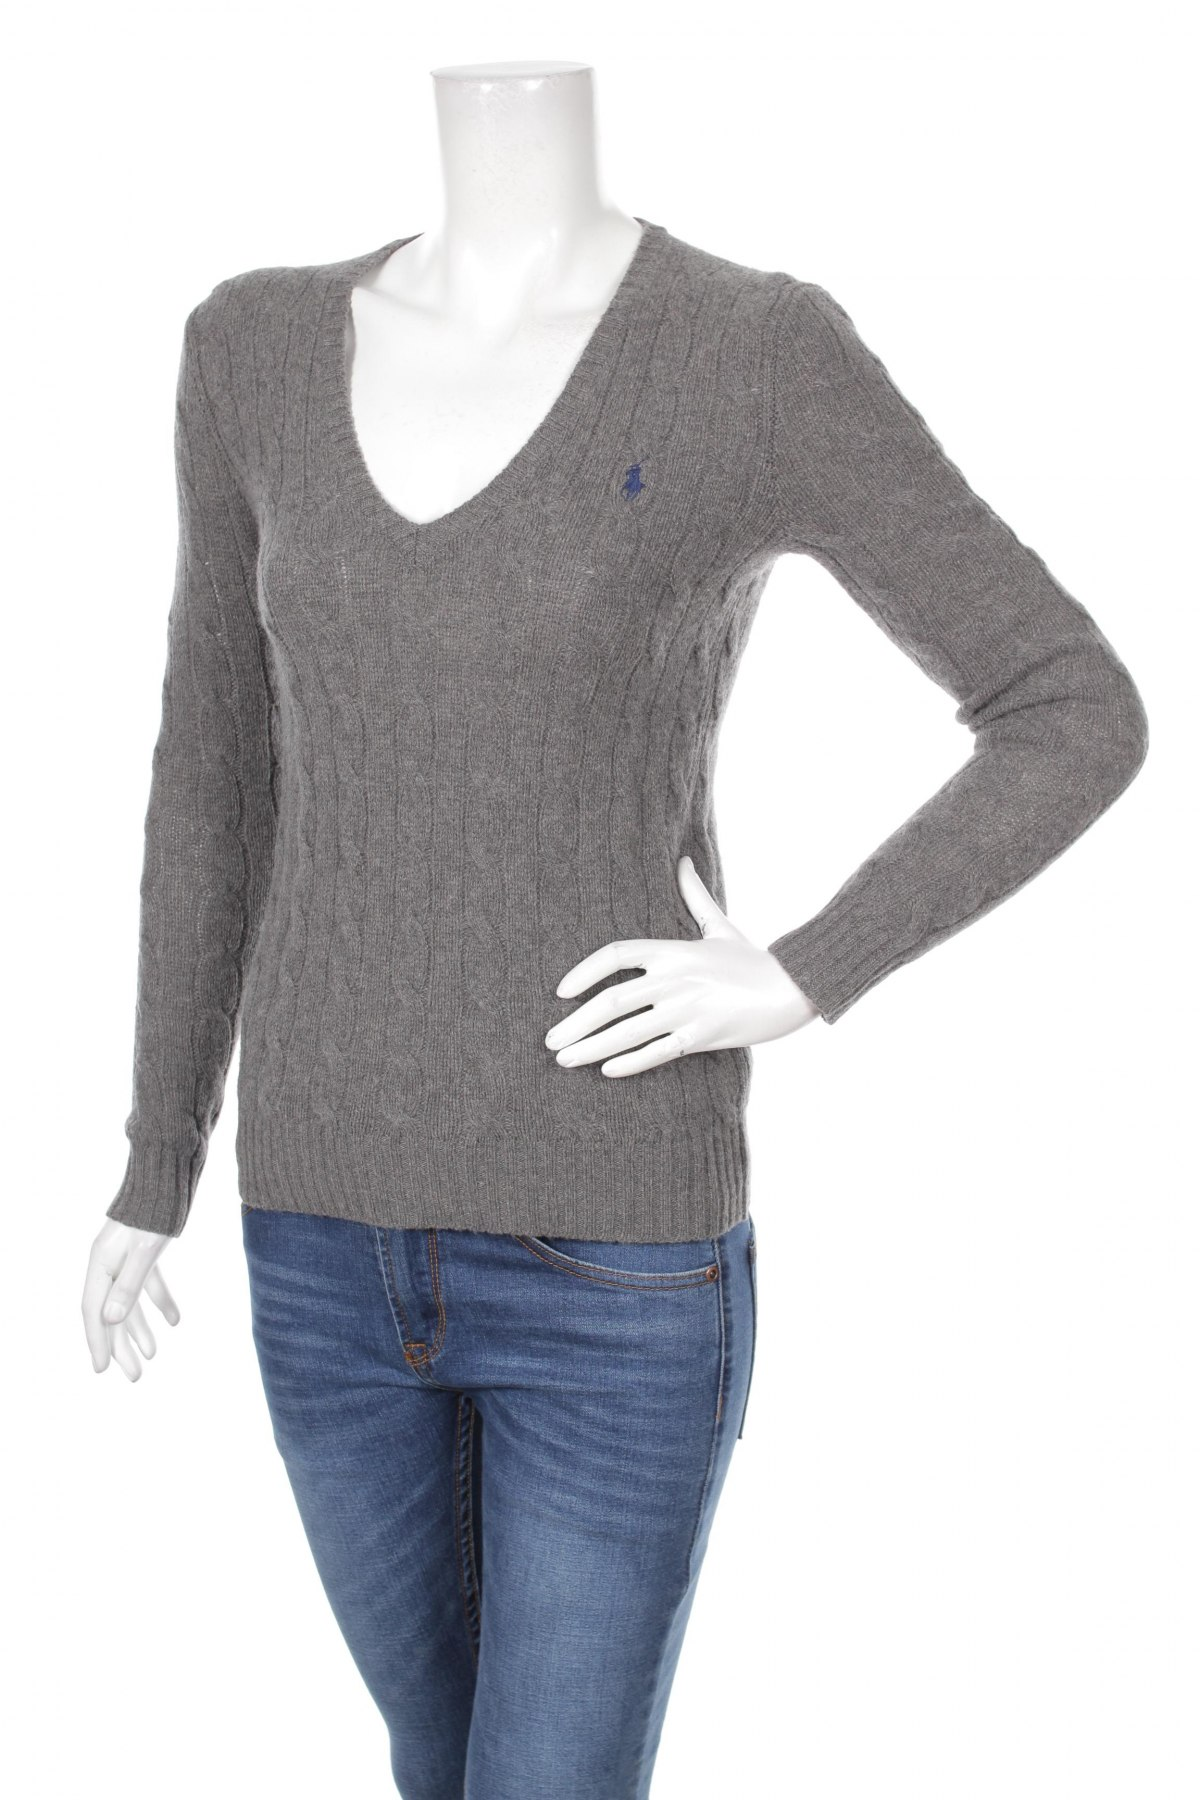 fc71ae503f Női pulóver Polo By Ralph Lauren - kedvező áron Remixben - #7334021